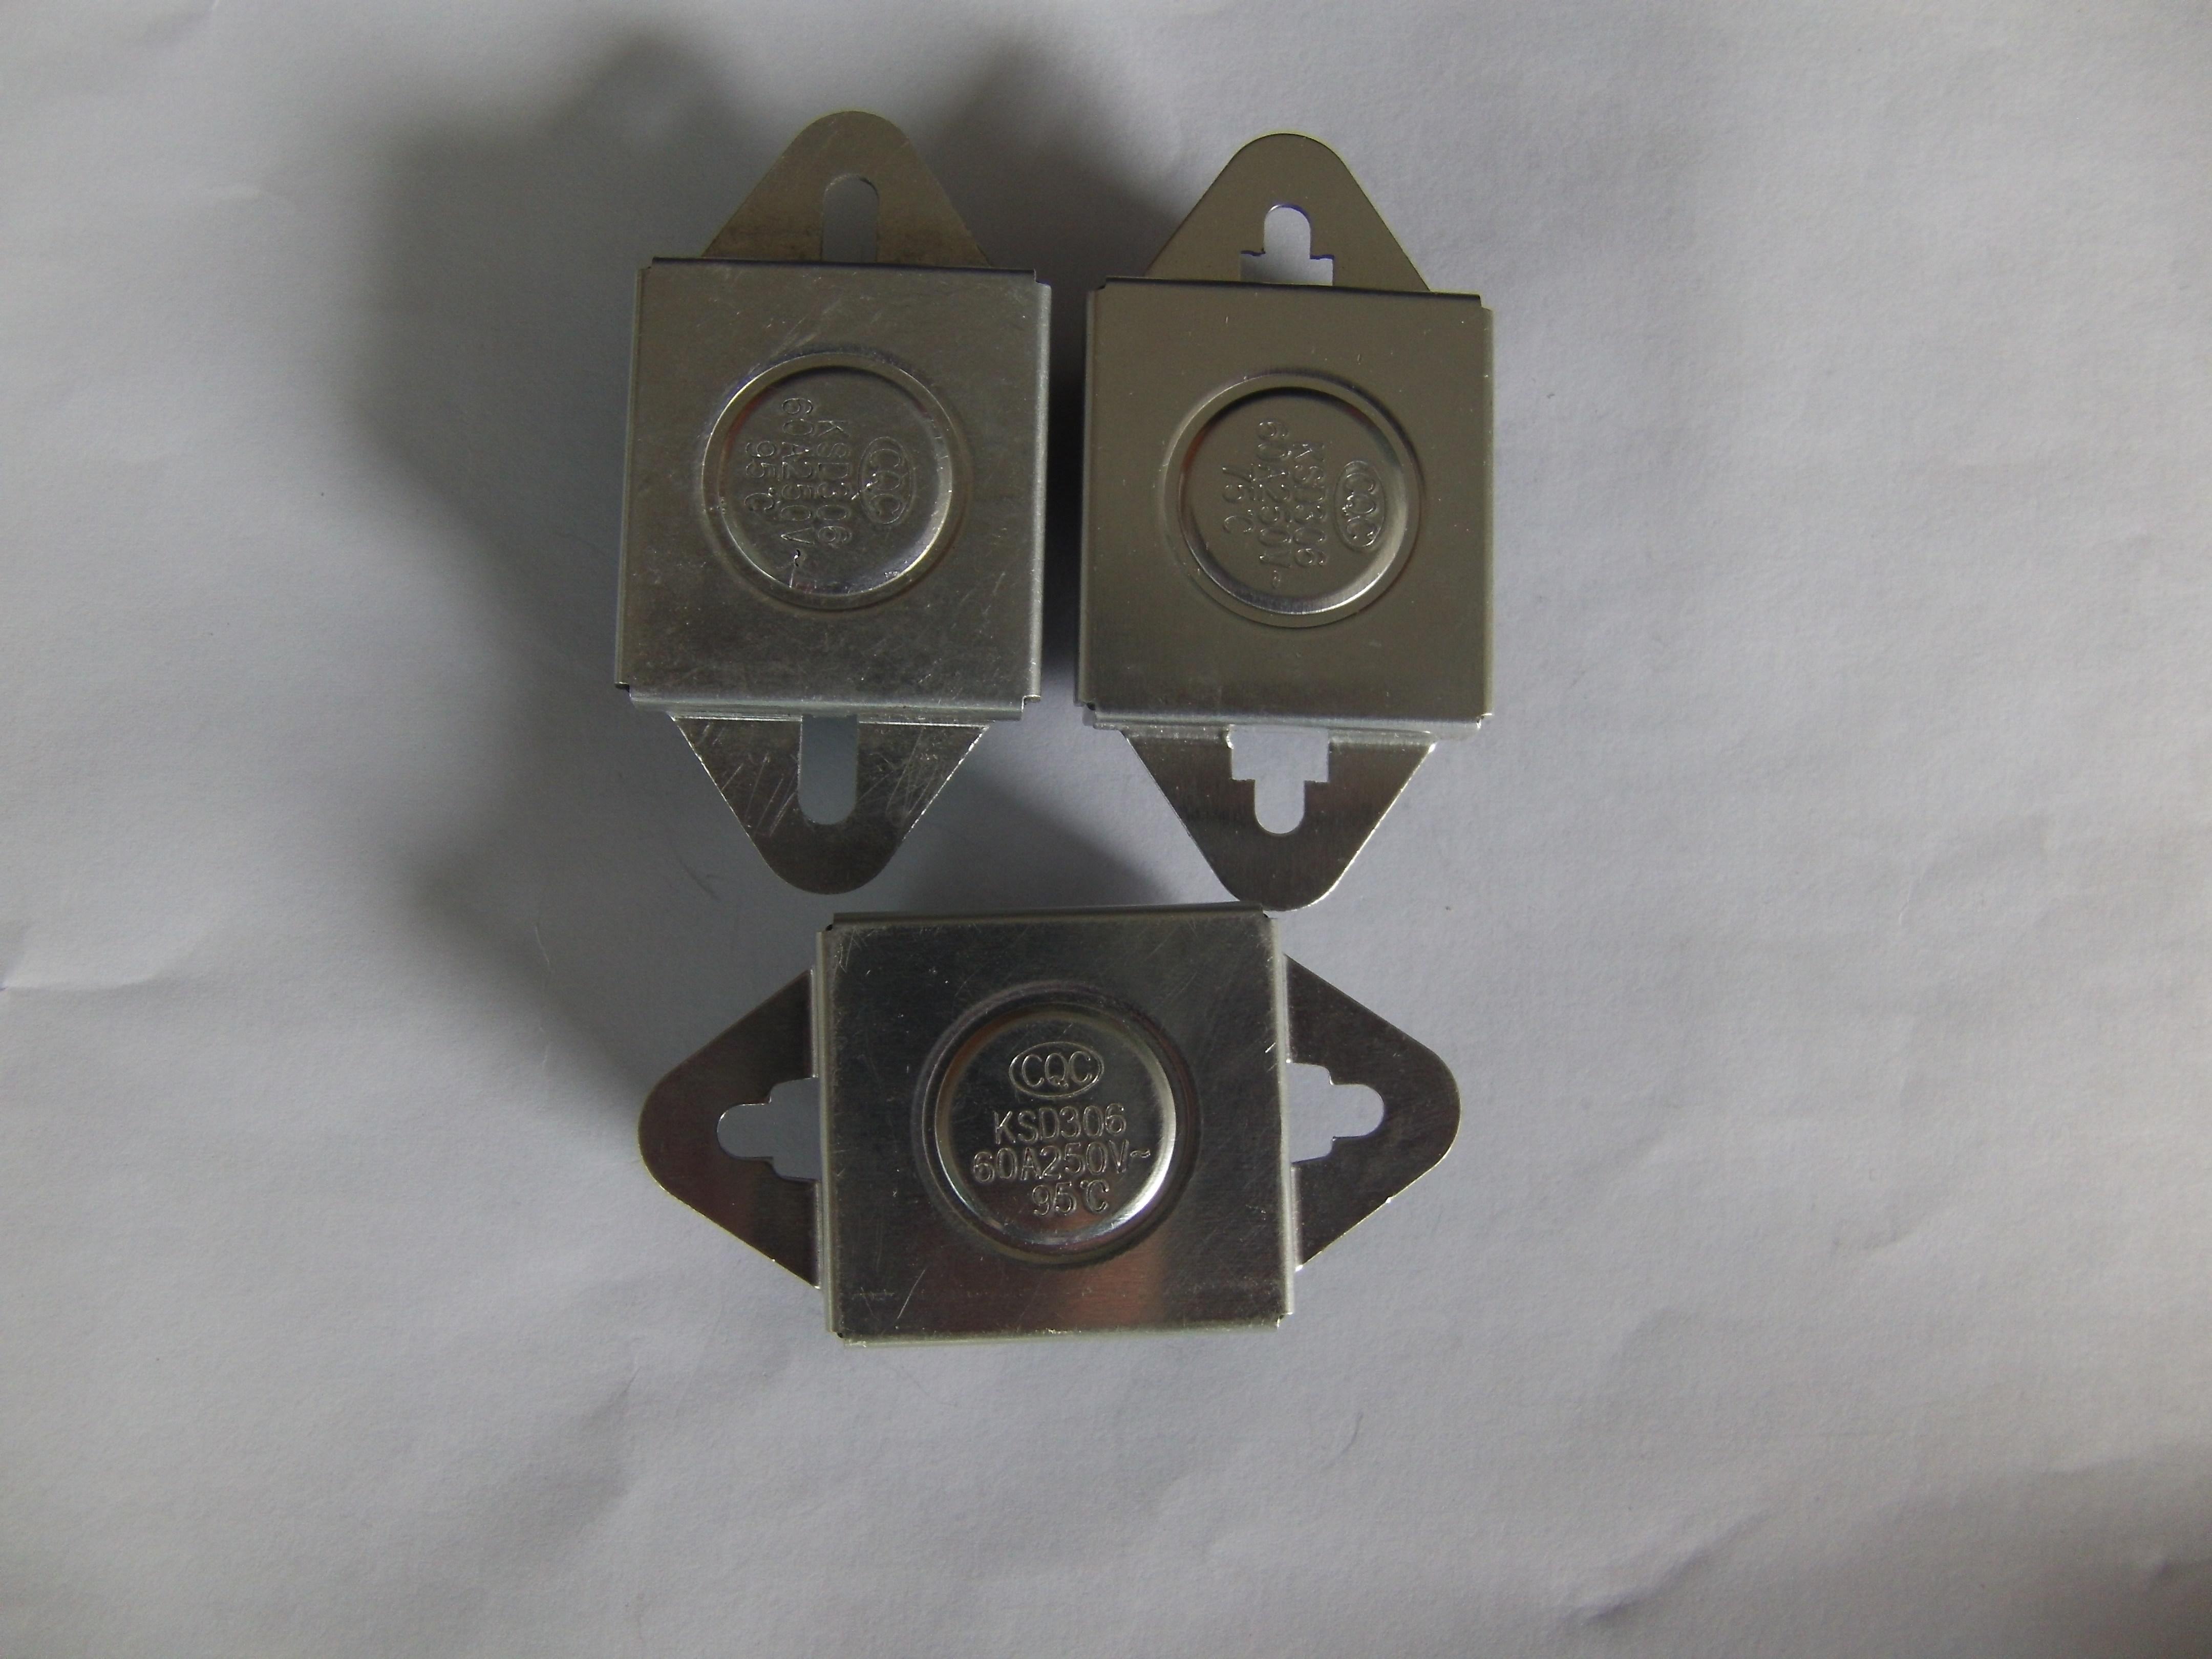 供应用于电热水器的温控器ksd306